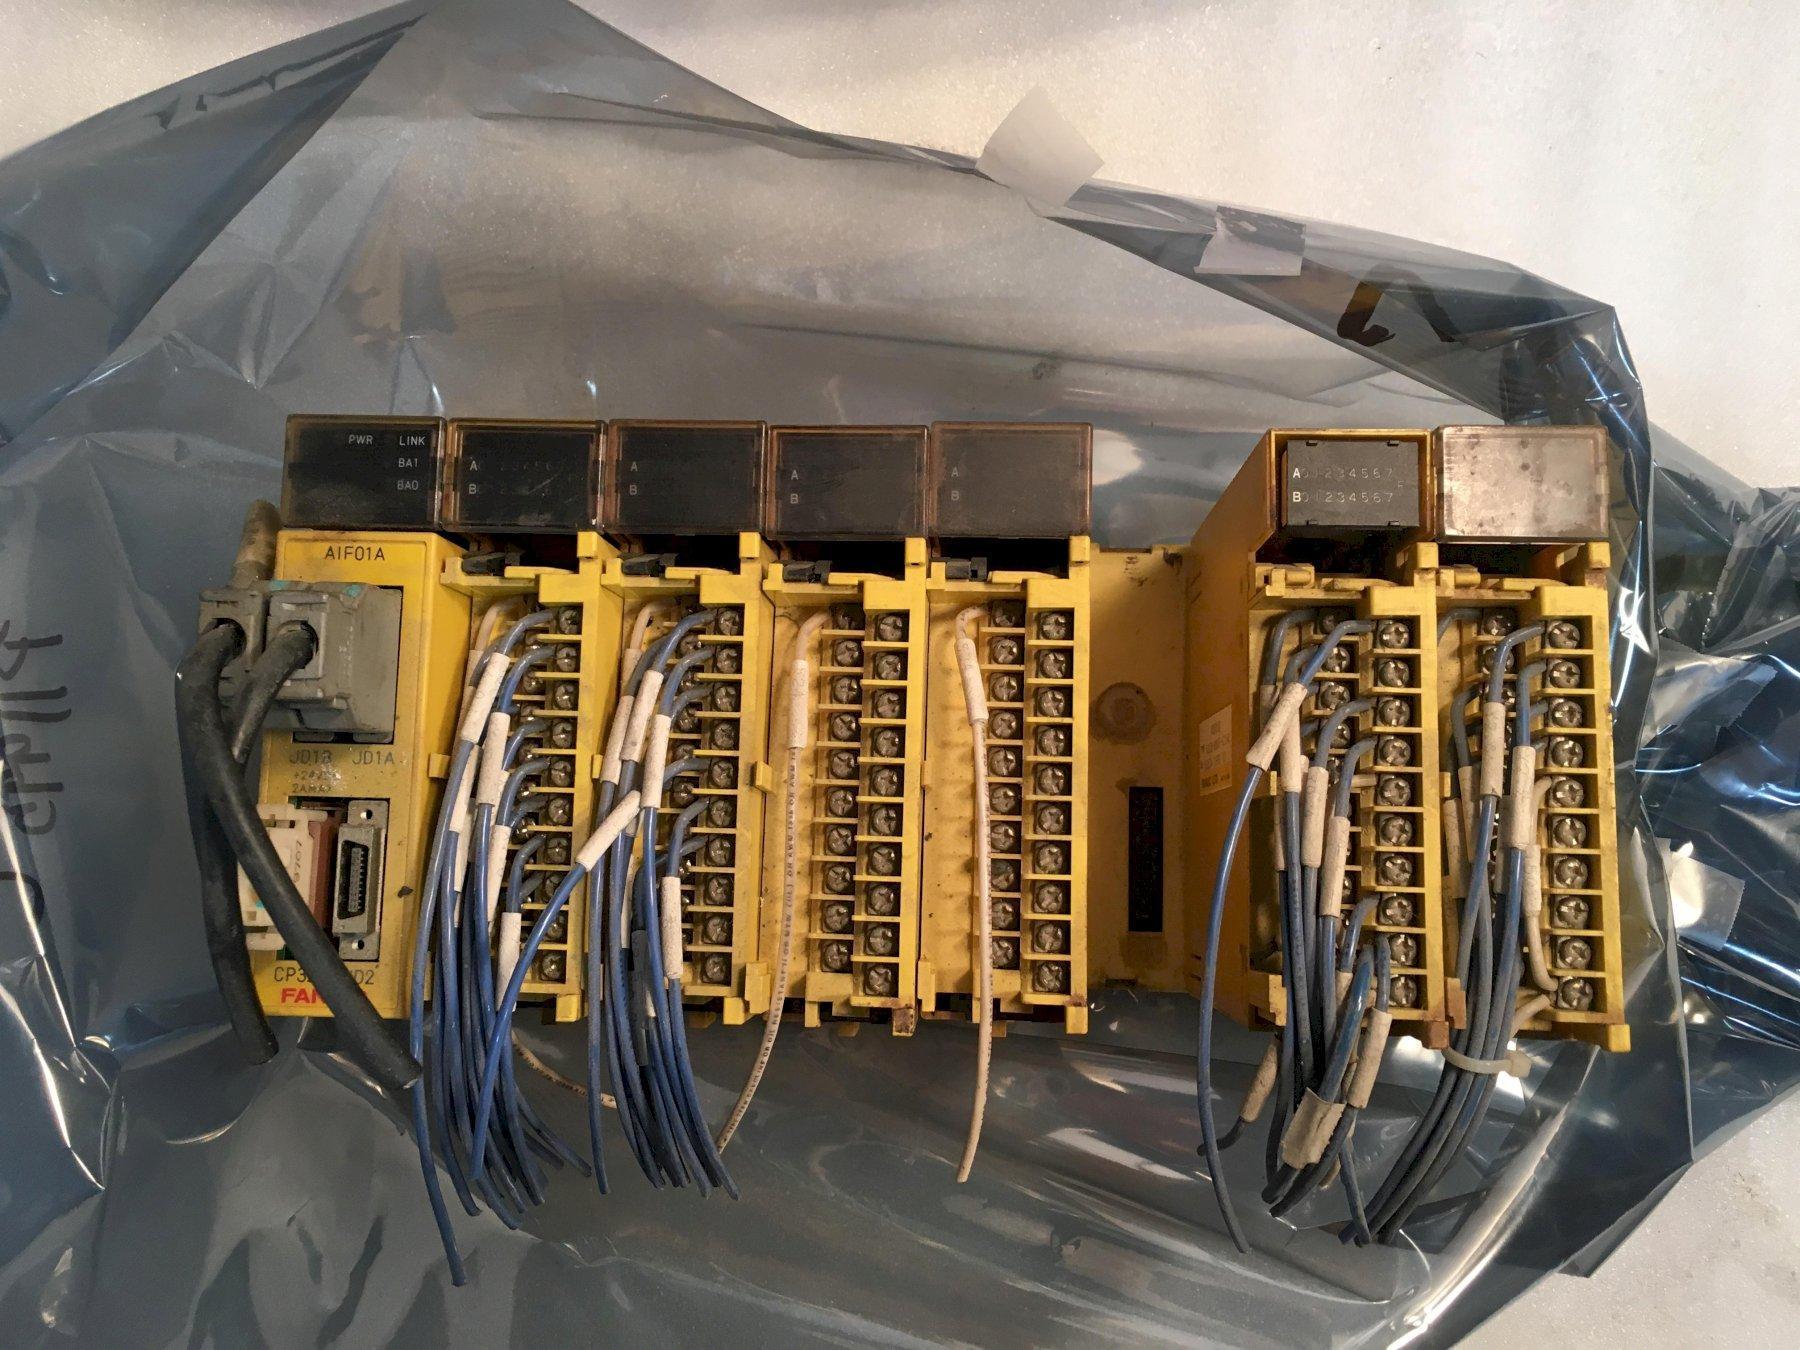 FANUC ABU10A I/O Rack, A03B-0807-C001, C104, C154 8-Slot Rack